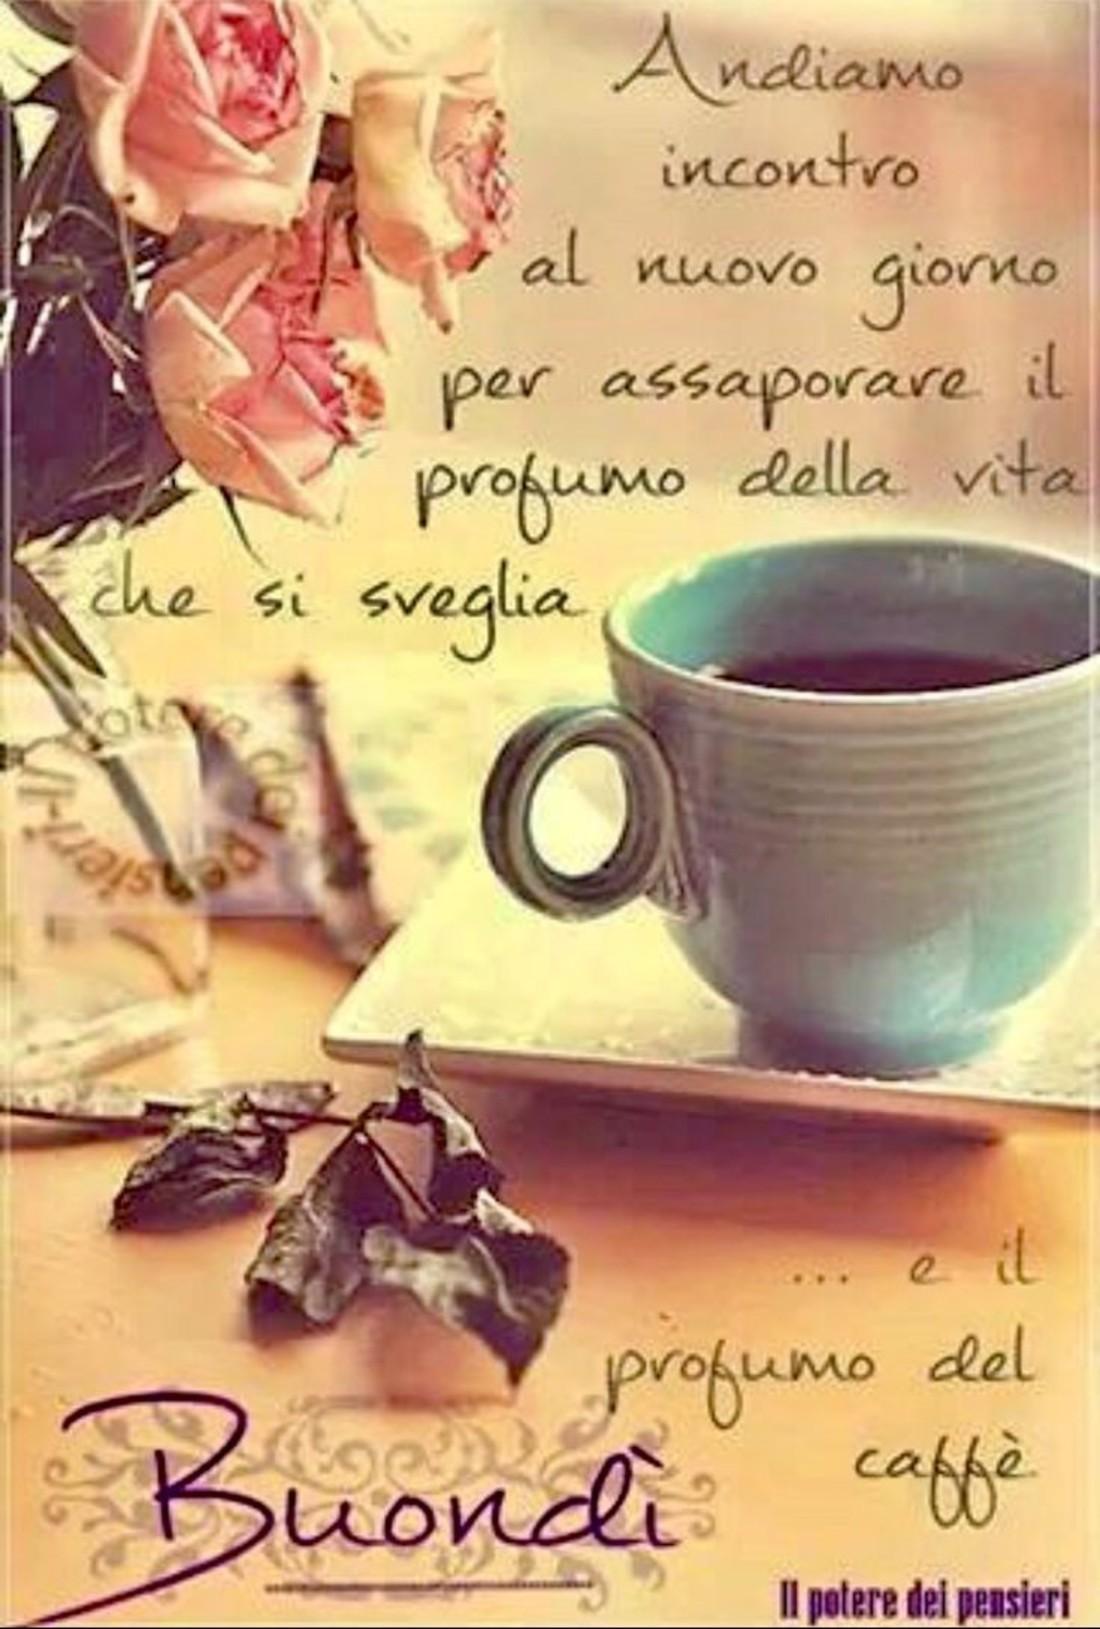 Immagine Buongiorno Tazza Di Caffè Buongiornocolsorrisoit